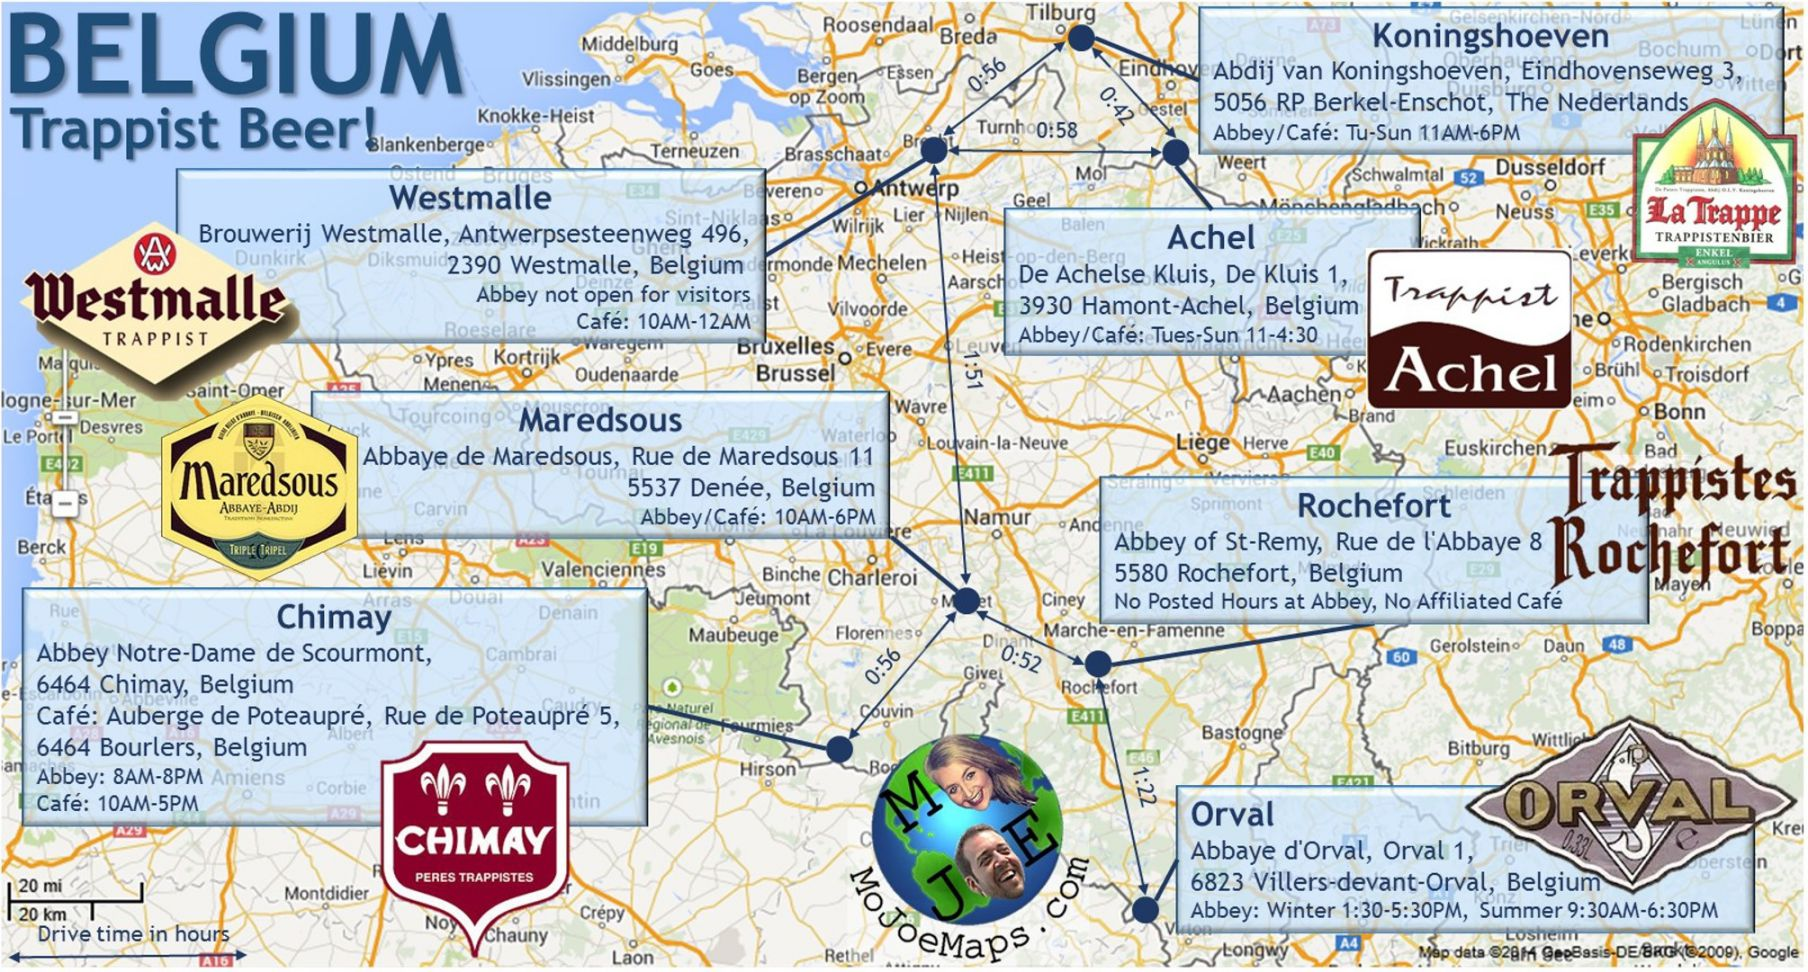 Belgium Brew Map